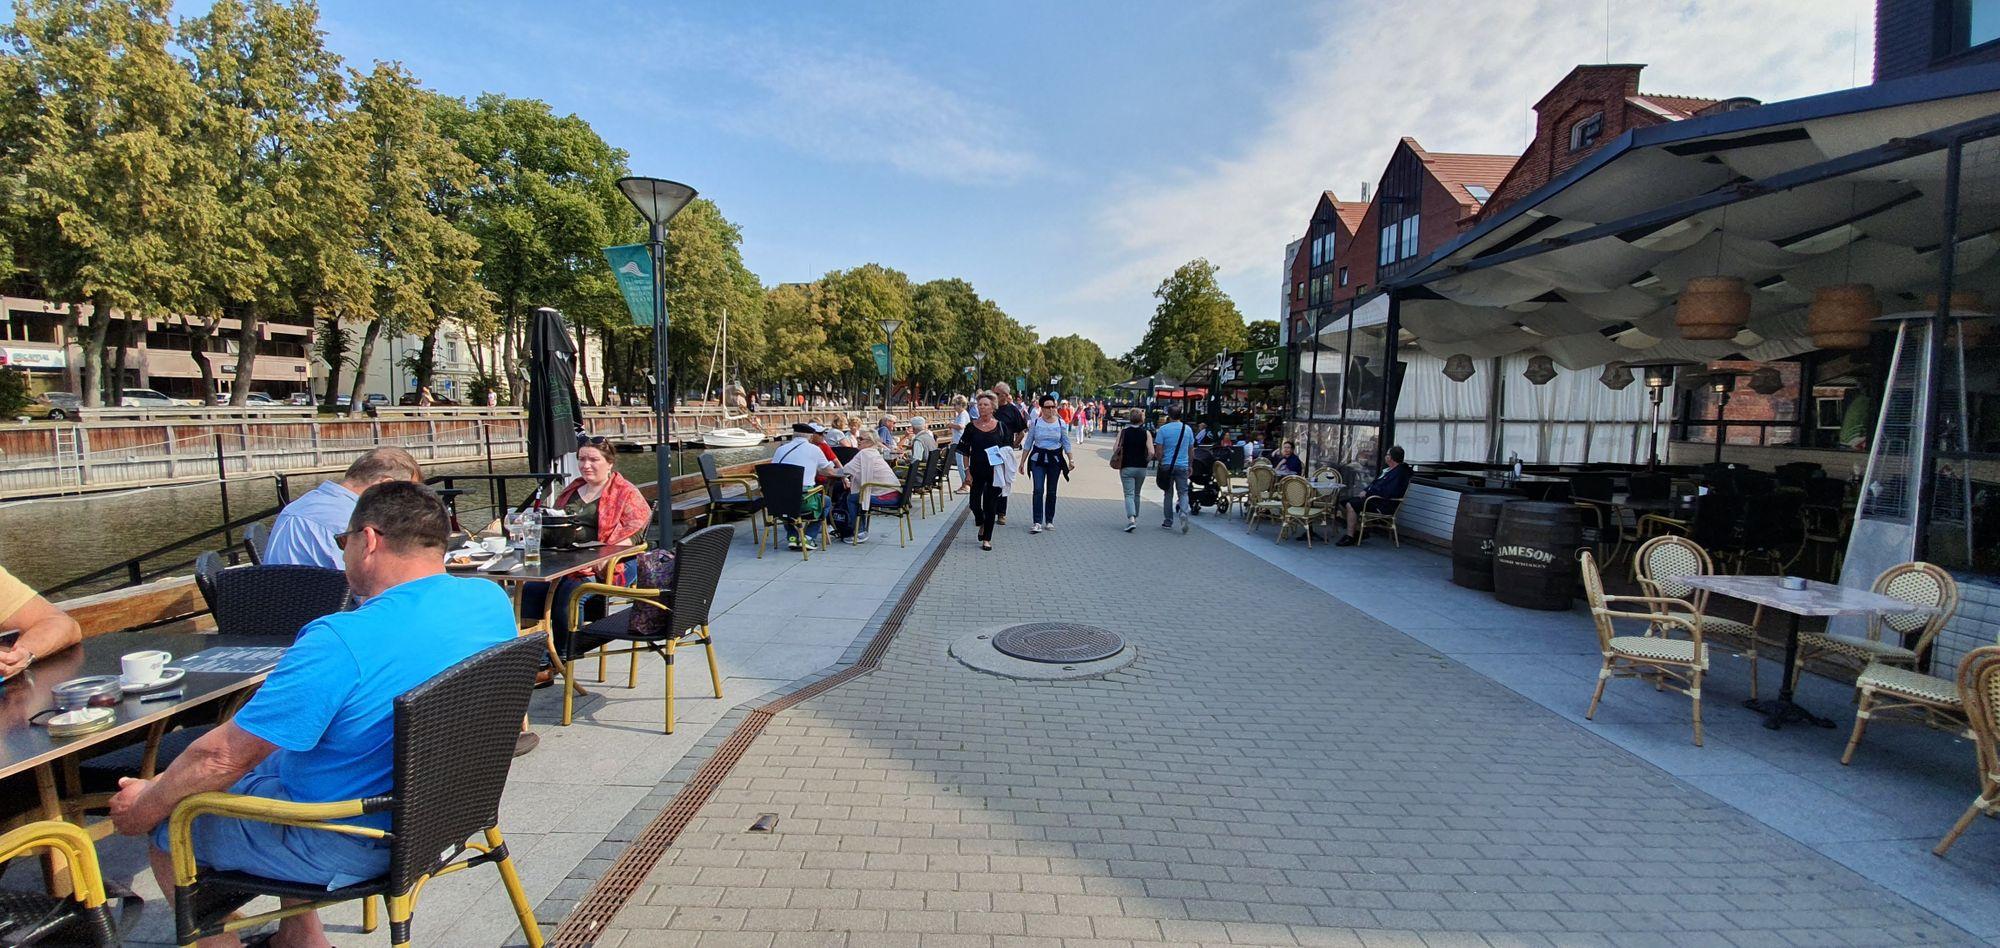 El paseo del Río Dane, en Klaipėda, Lituania